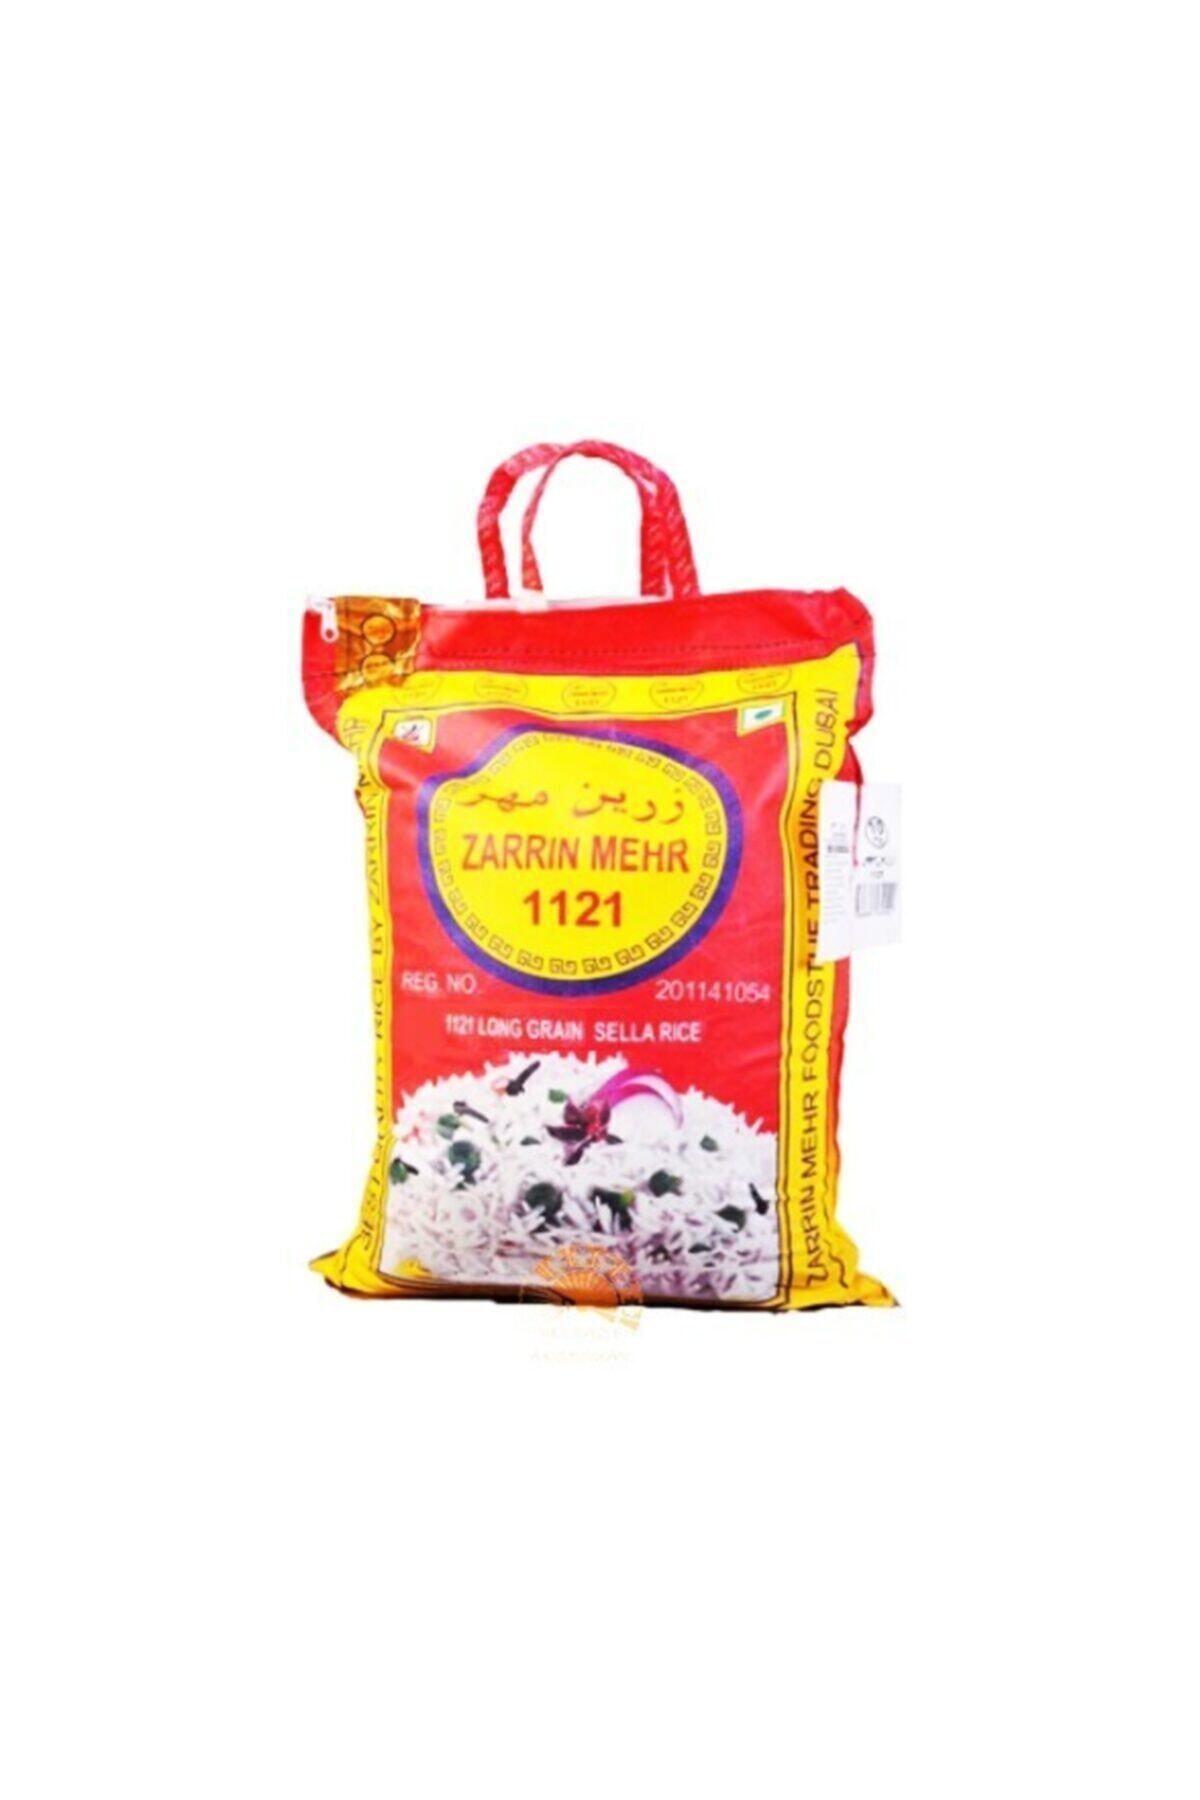 Zarrin Mehr 1121 Basmati Safran Aromalı Hint-iran Pirinç 5 Kg 1